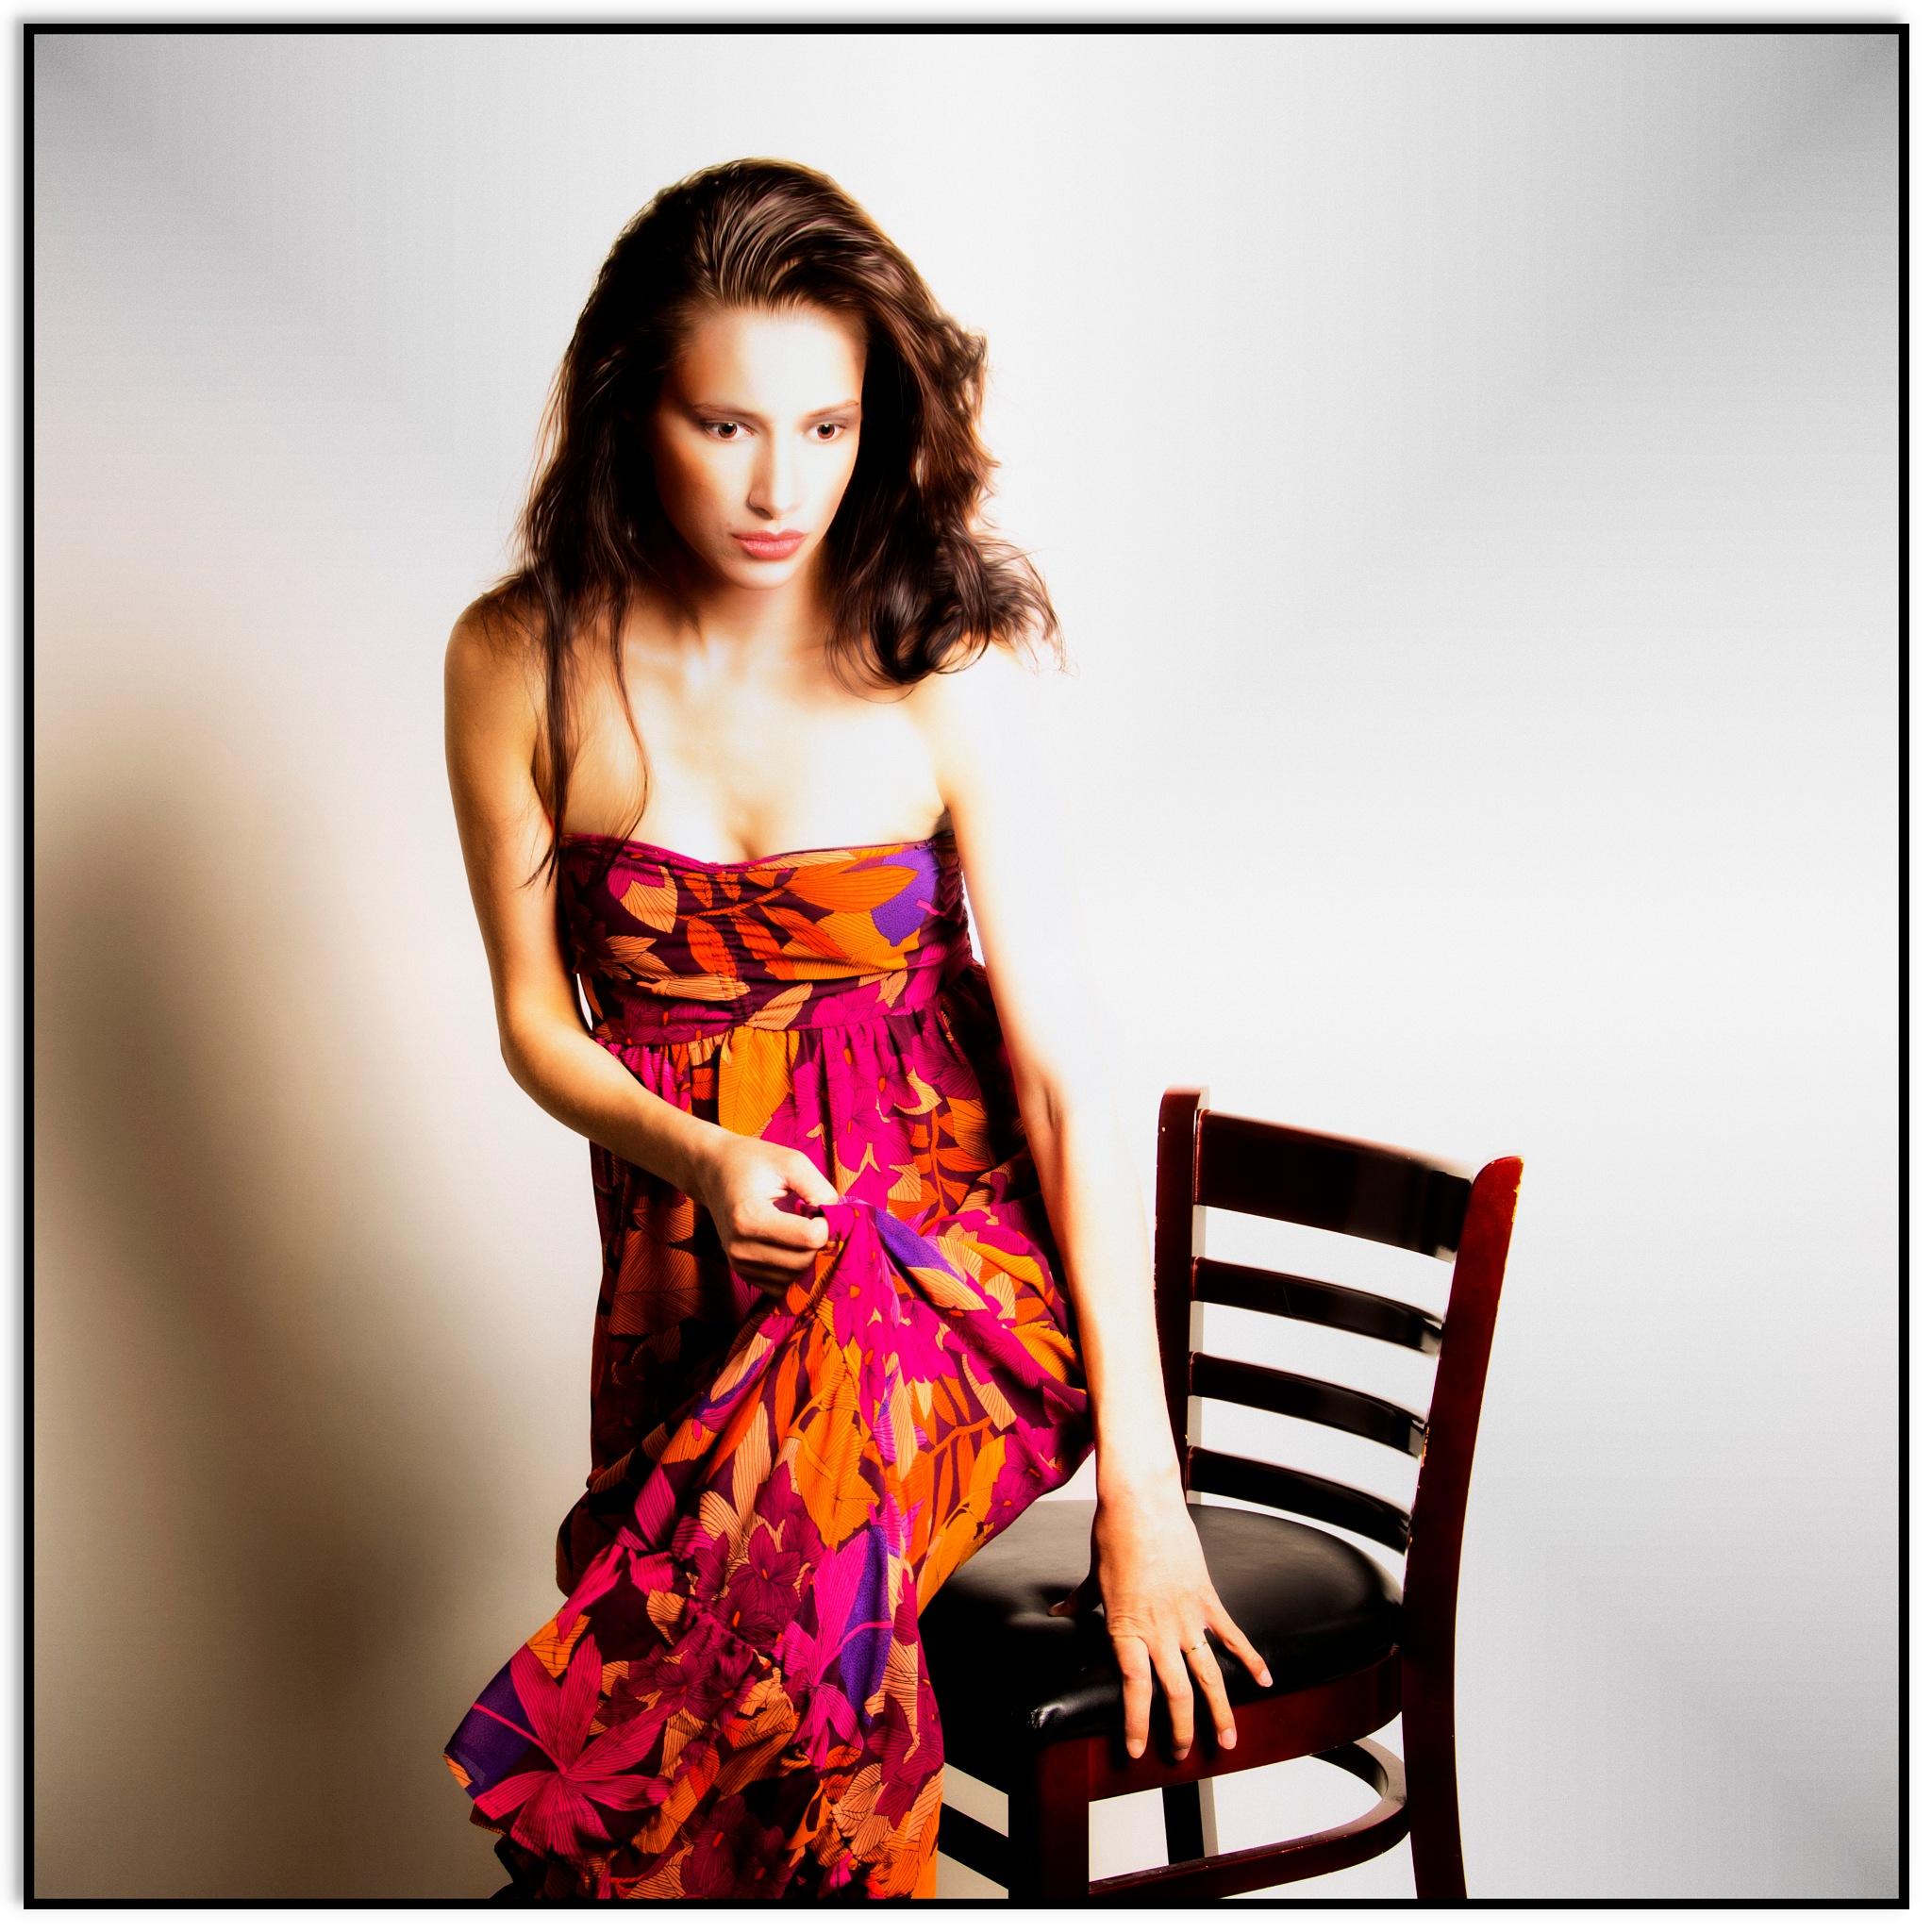 Kate - Street Dress by Metro Van Primus